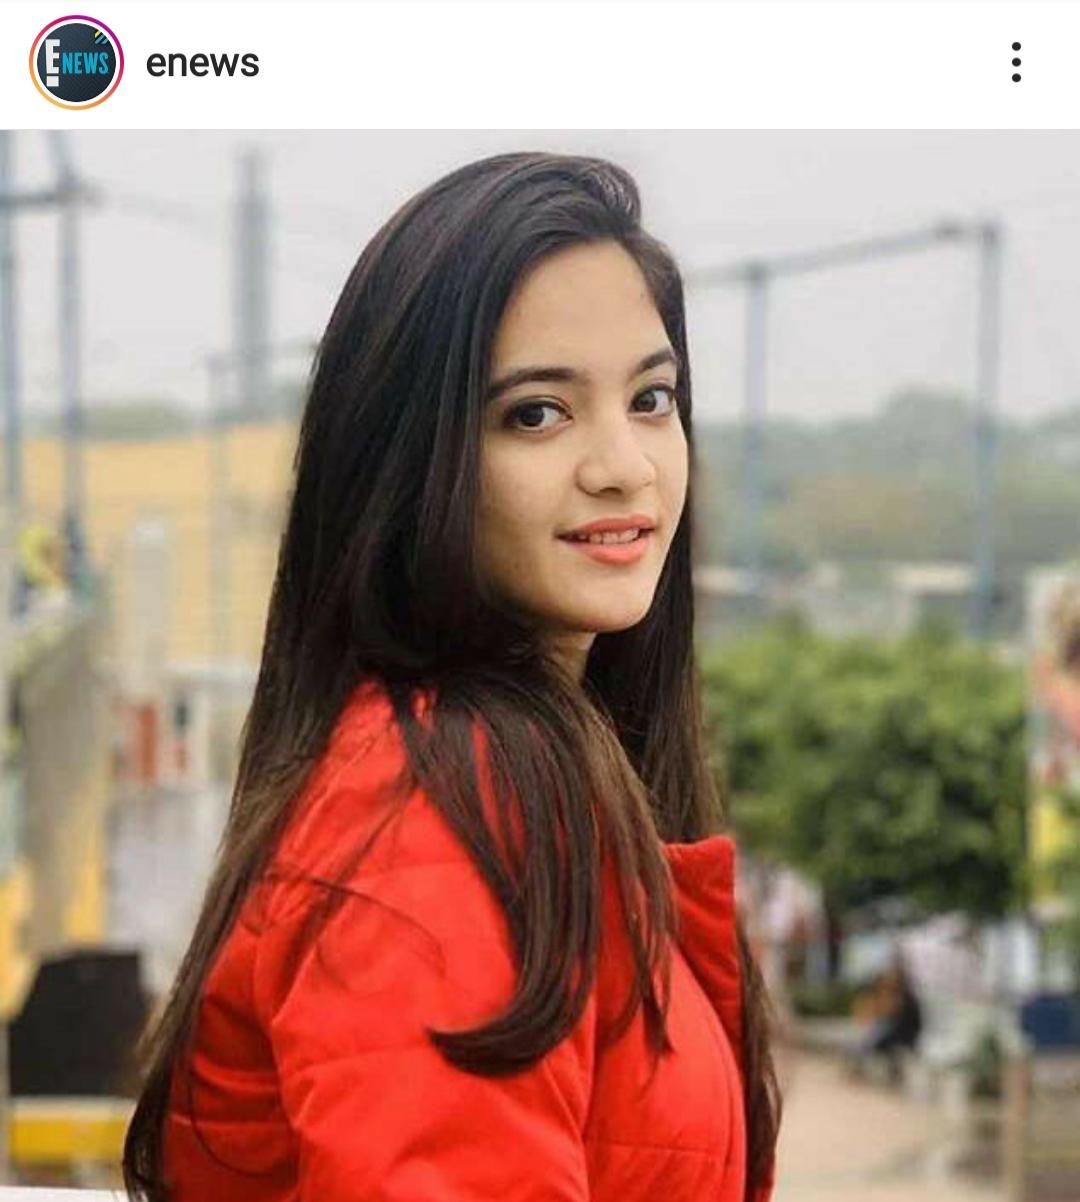 Estrella de Tik Tok, Siya Kakkar, muere a los 16 años de edad